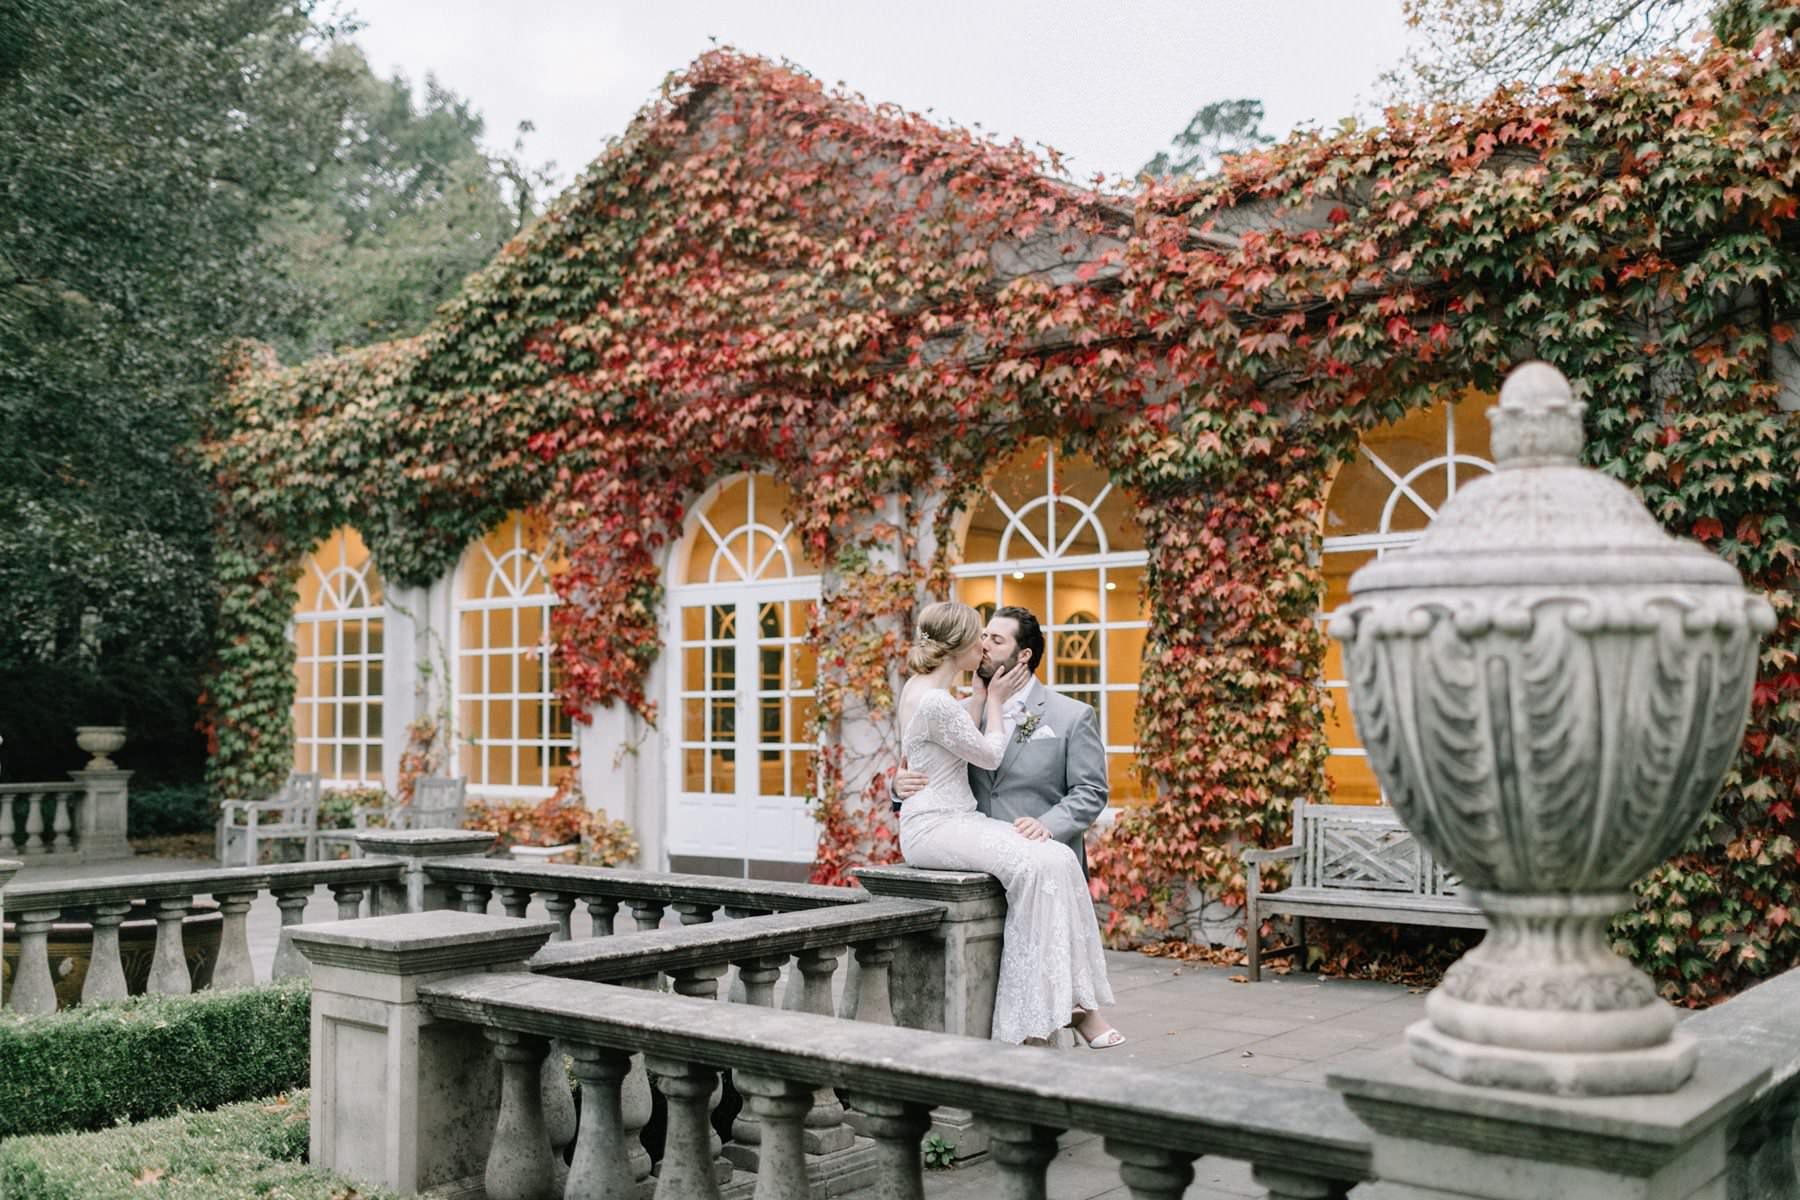 autuman wedding at milton park